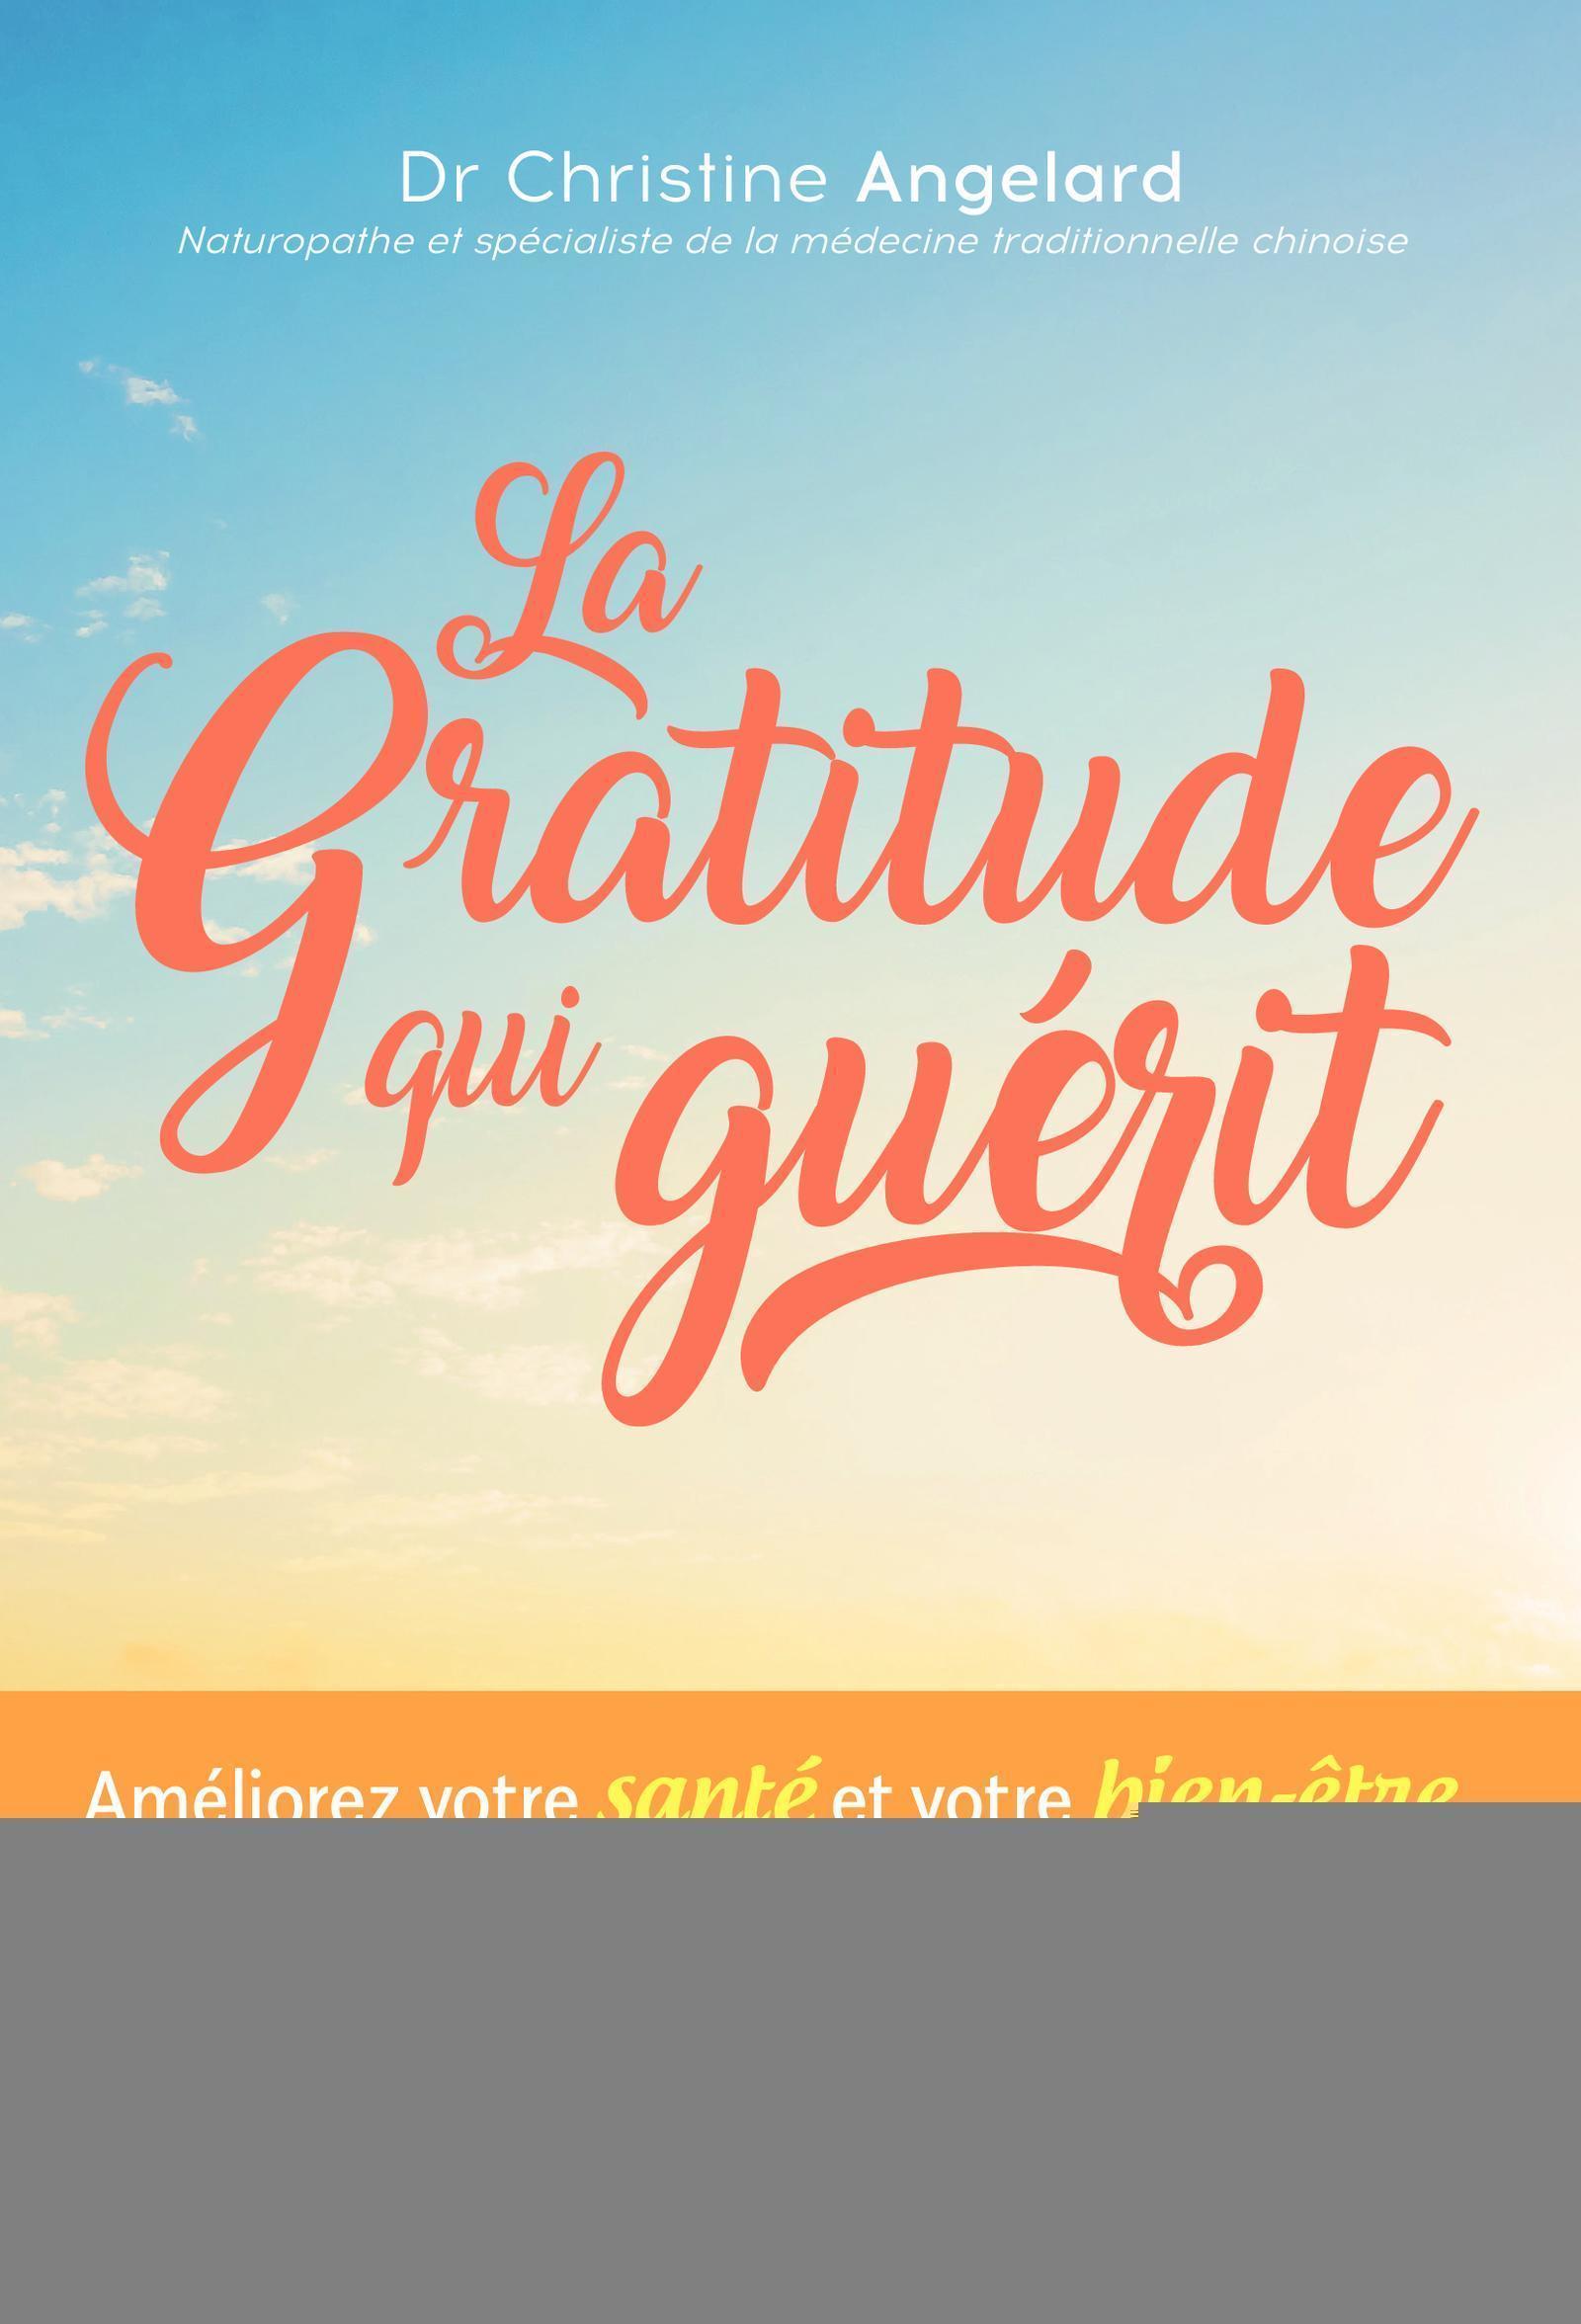 LA GRATITUDE QUI GUERIT - AMELIOREZ VOTRE SANTE ET VOTRE BIEN ETRE GRACE A UNE METHODE UNIQUE ALLIAN